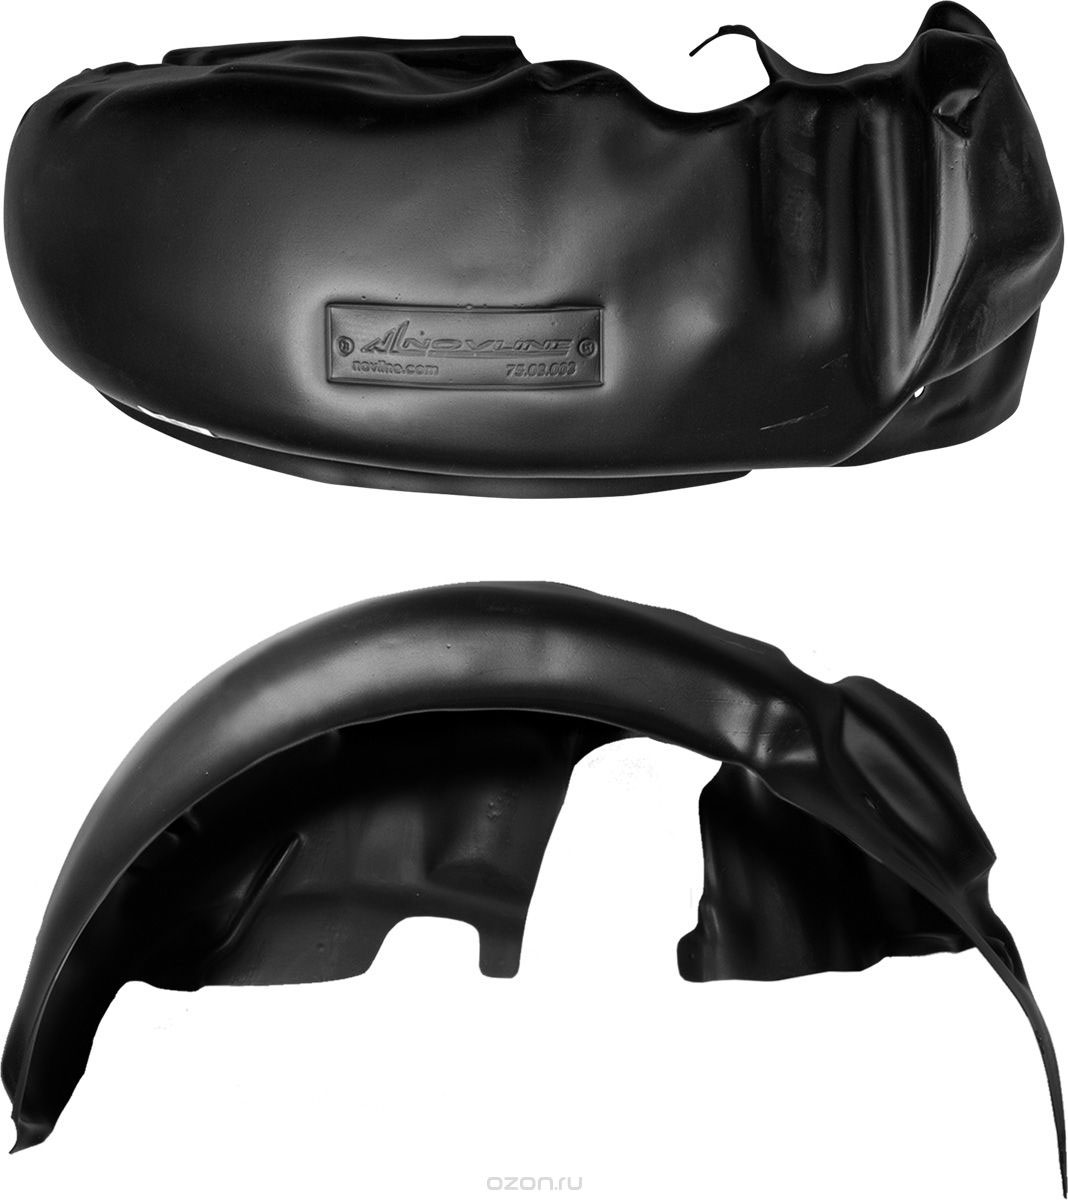 Подкрылок Novline-Autofamily, для Toyota Auris, 2012 ->, передний левыйNLL.48.54.001Идеальная защита колесной ниши. Локеры разработаны с применением цифровых технологий, гарантируют максимальную повторяемость поверхности арки. Изделия устанавливаются без нарушения лакокрасочного покрытия автомобиля, каждый подкрылок комплектуется крепежом. Уважаемые клиенты, обращаем ваше внимание, что фотографии на подкрылки универсальные и не отражают реальную форму изделия. При этом само изделие идет точно под размер указанного автомобиля.